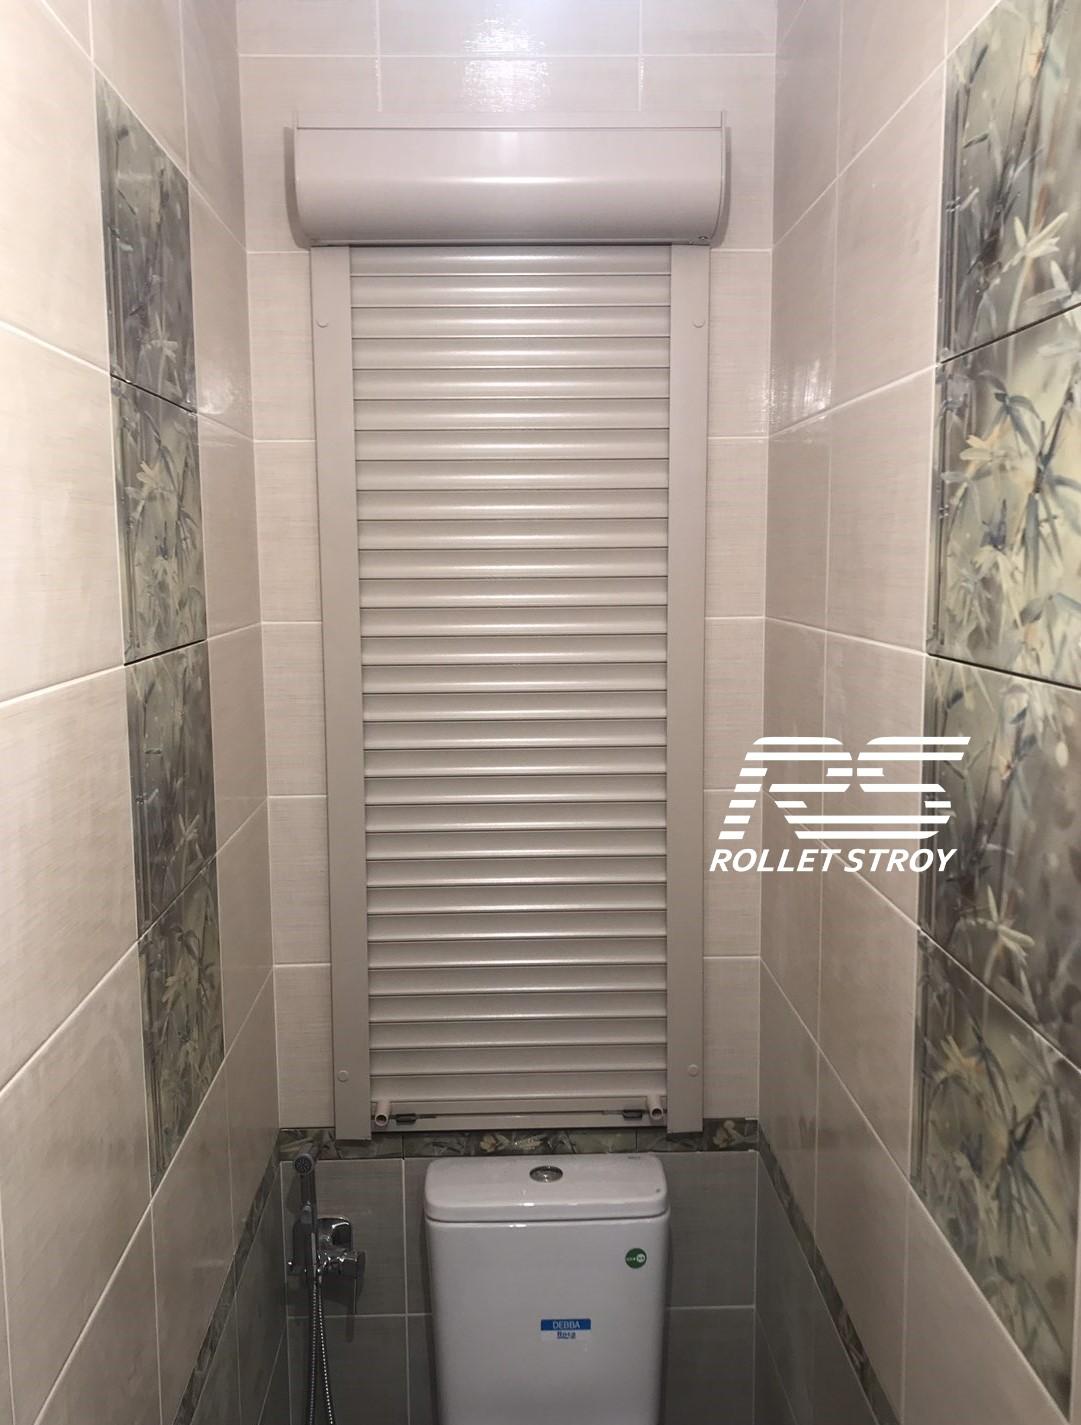 Рольставни в туалет для сантехнического шкафа, накладной монтаж